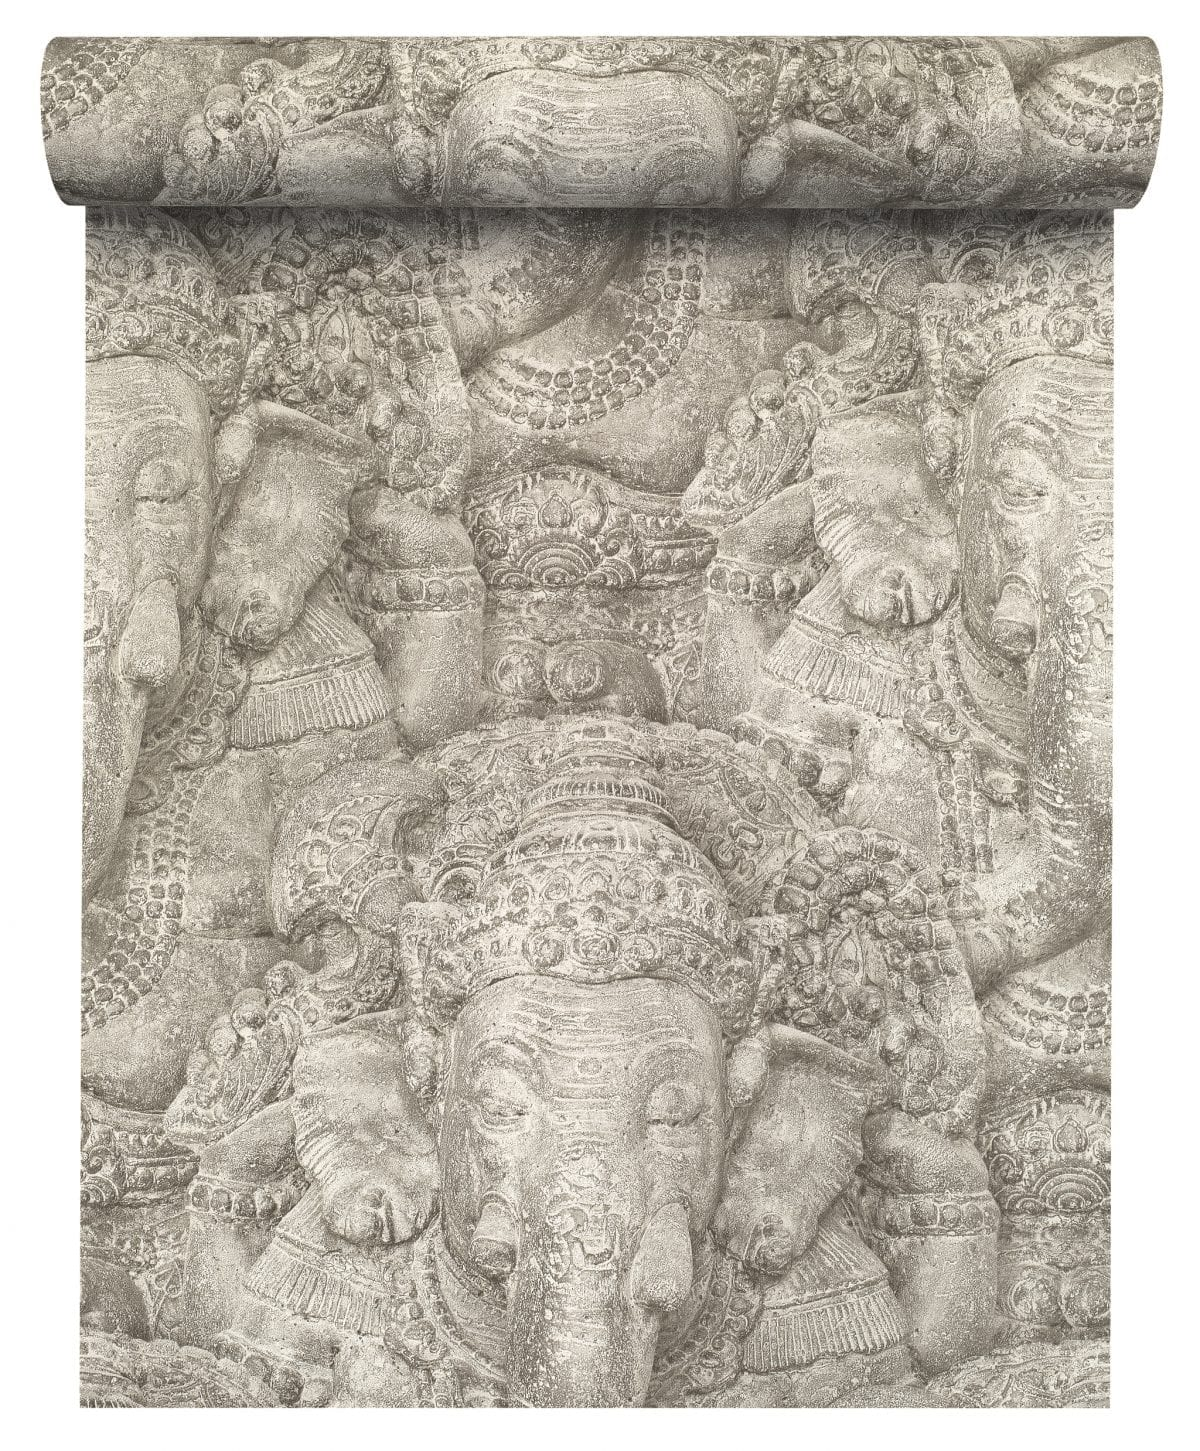 Papel mural elefantes ganesha CRISPY PAPER 525519 Rasch